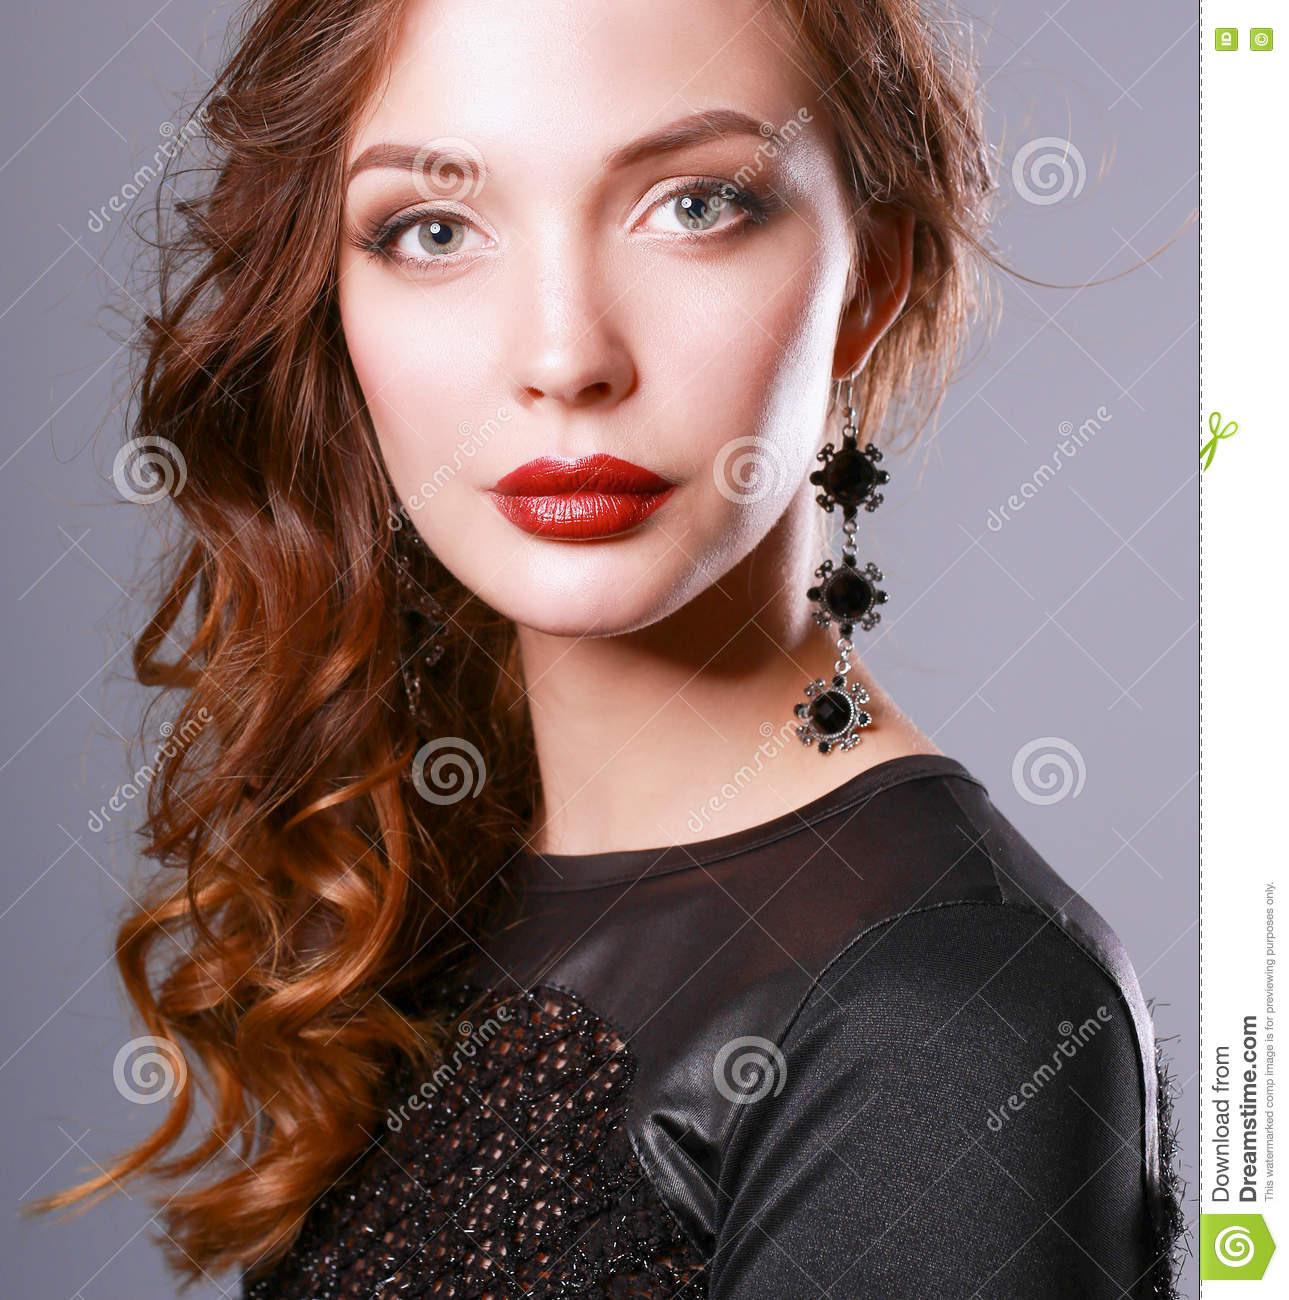 20 Einfach Abend Make Up Schwarzes Kleid Spezialgebiet Cool Abend Make Up Schwarzes Kleid Galerie